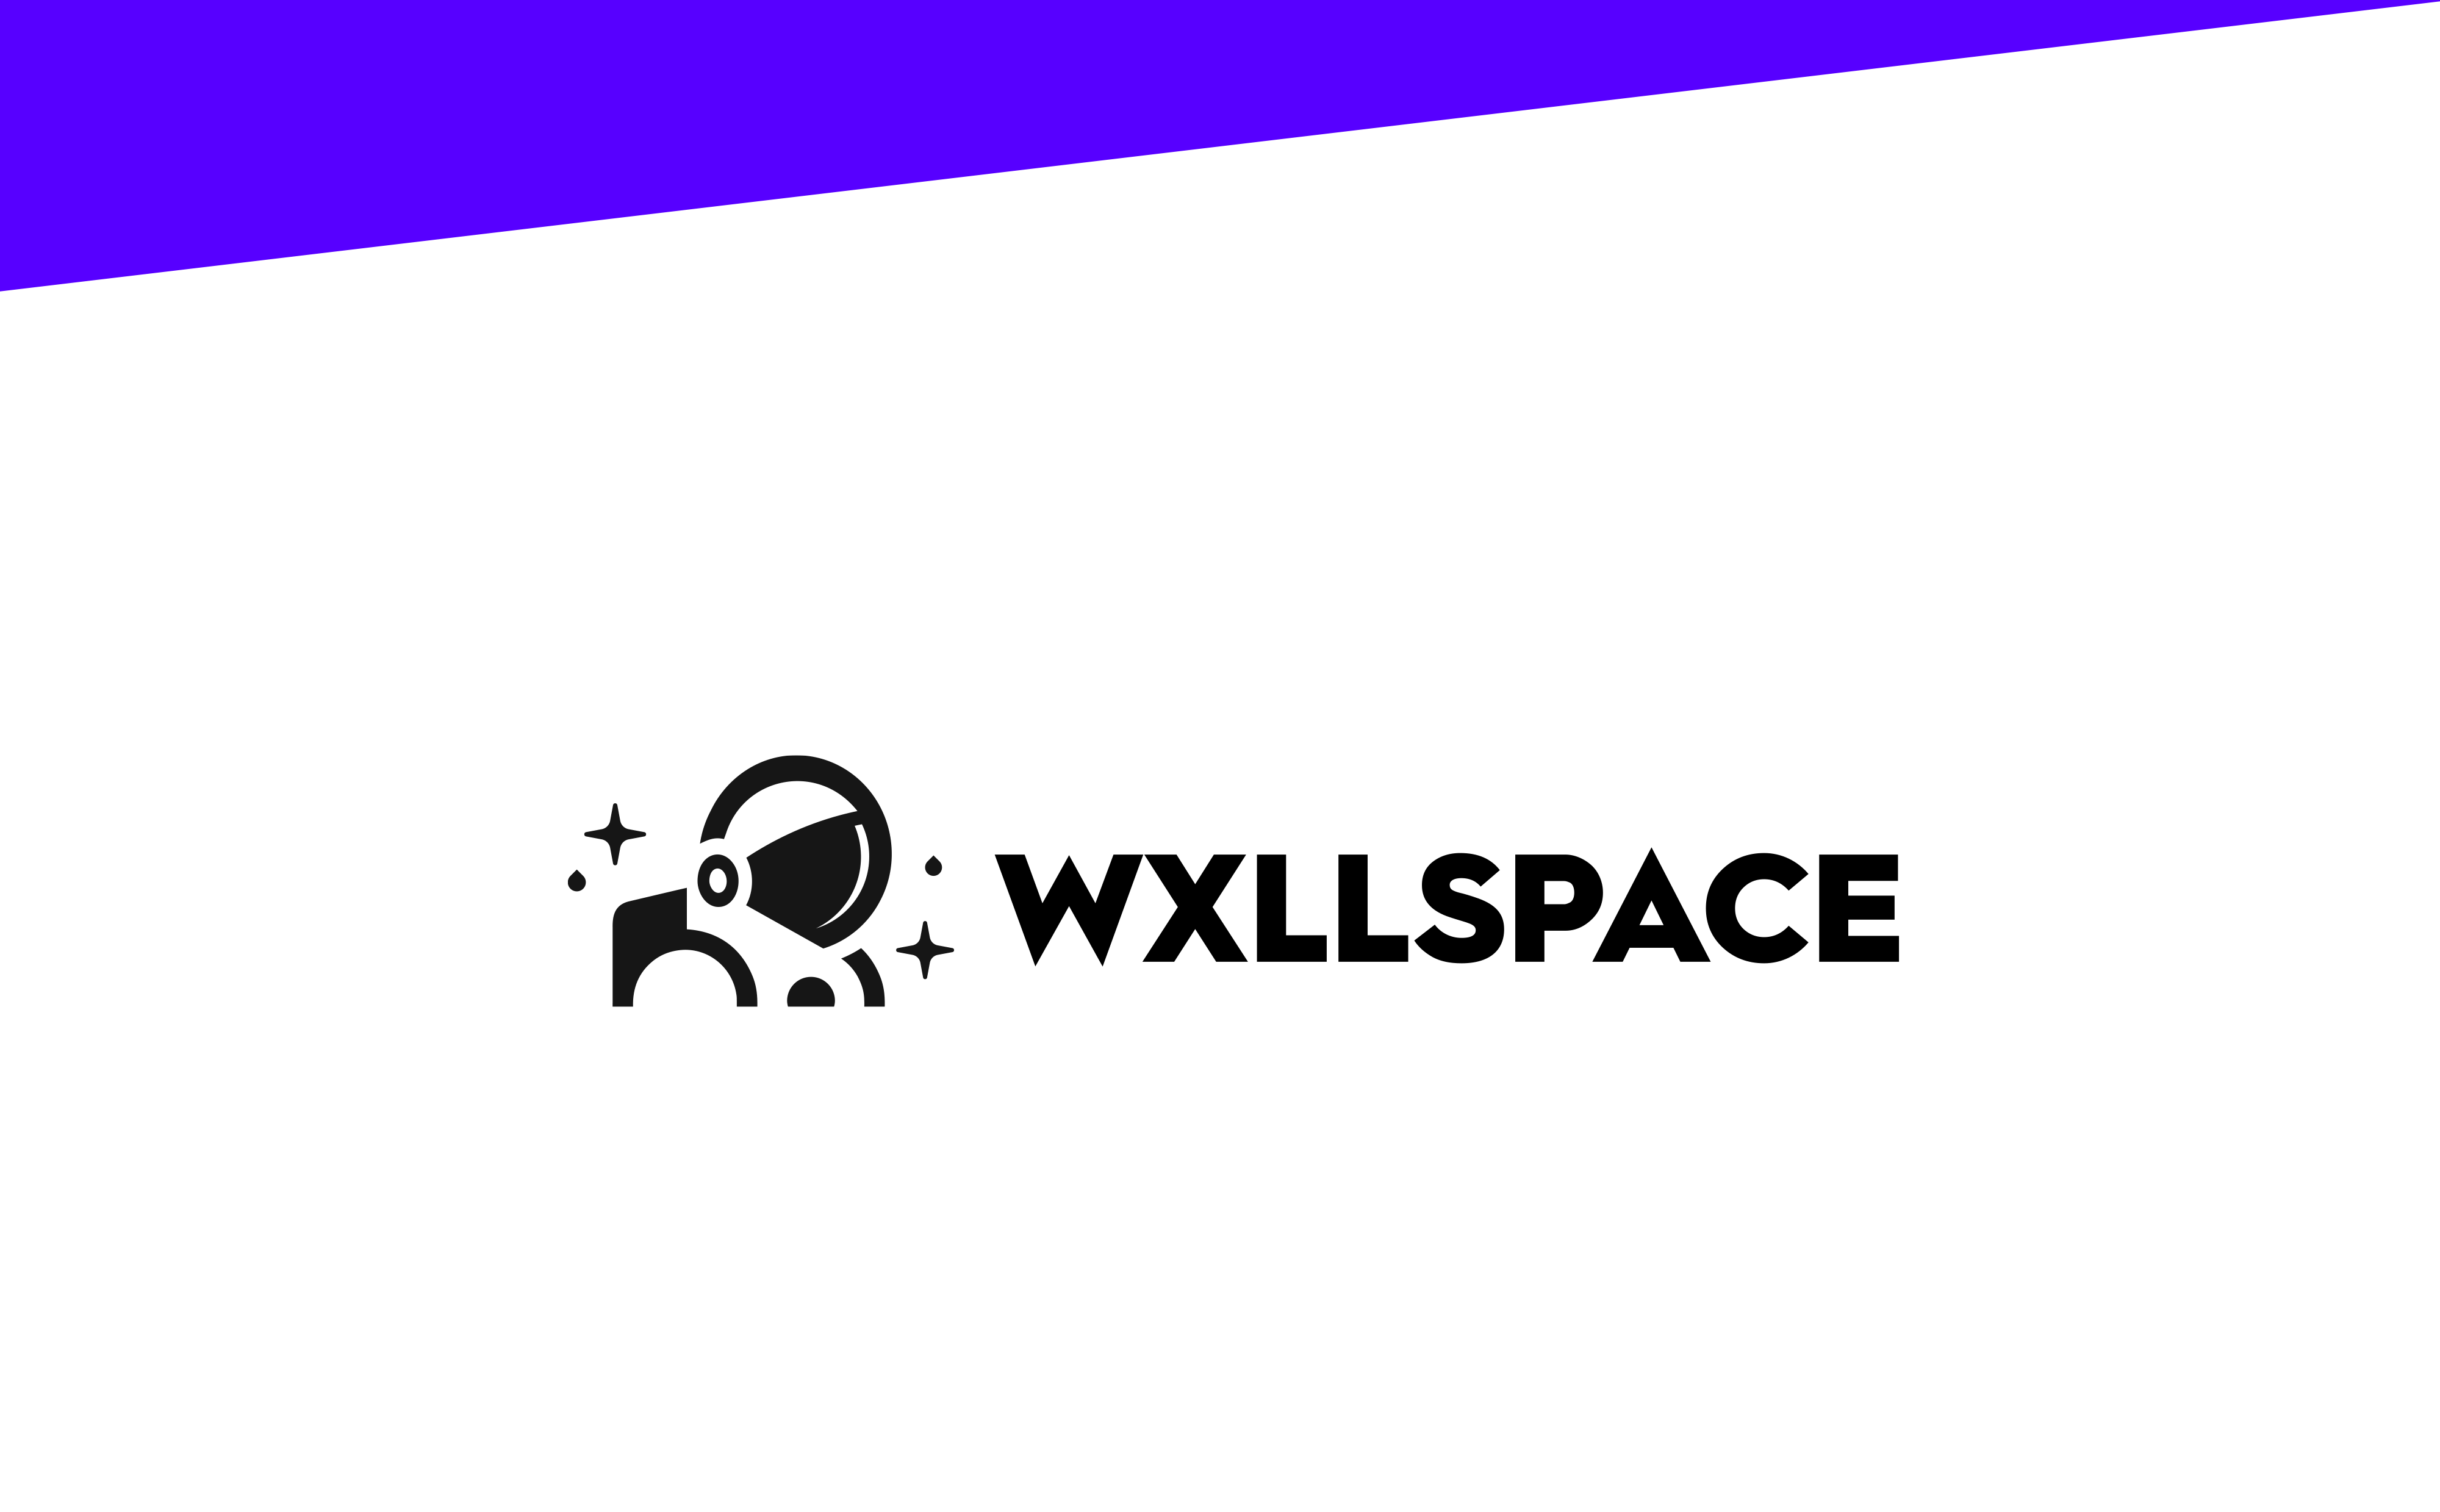 Wxllspace logo alternative